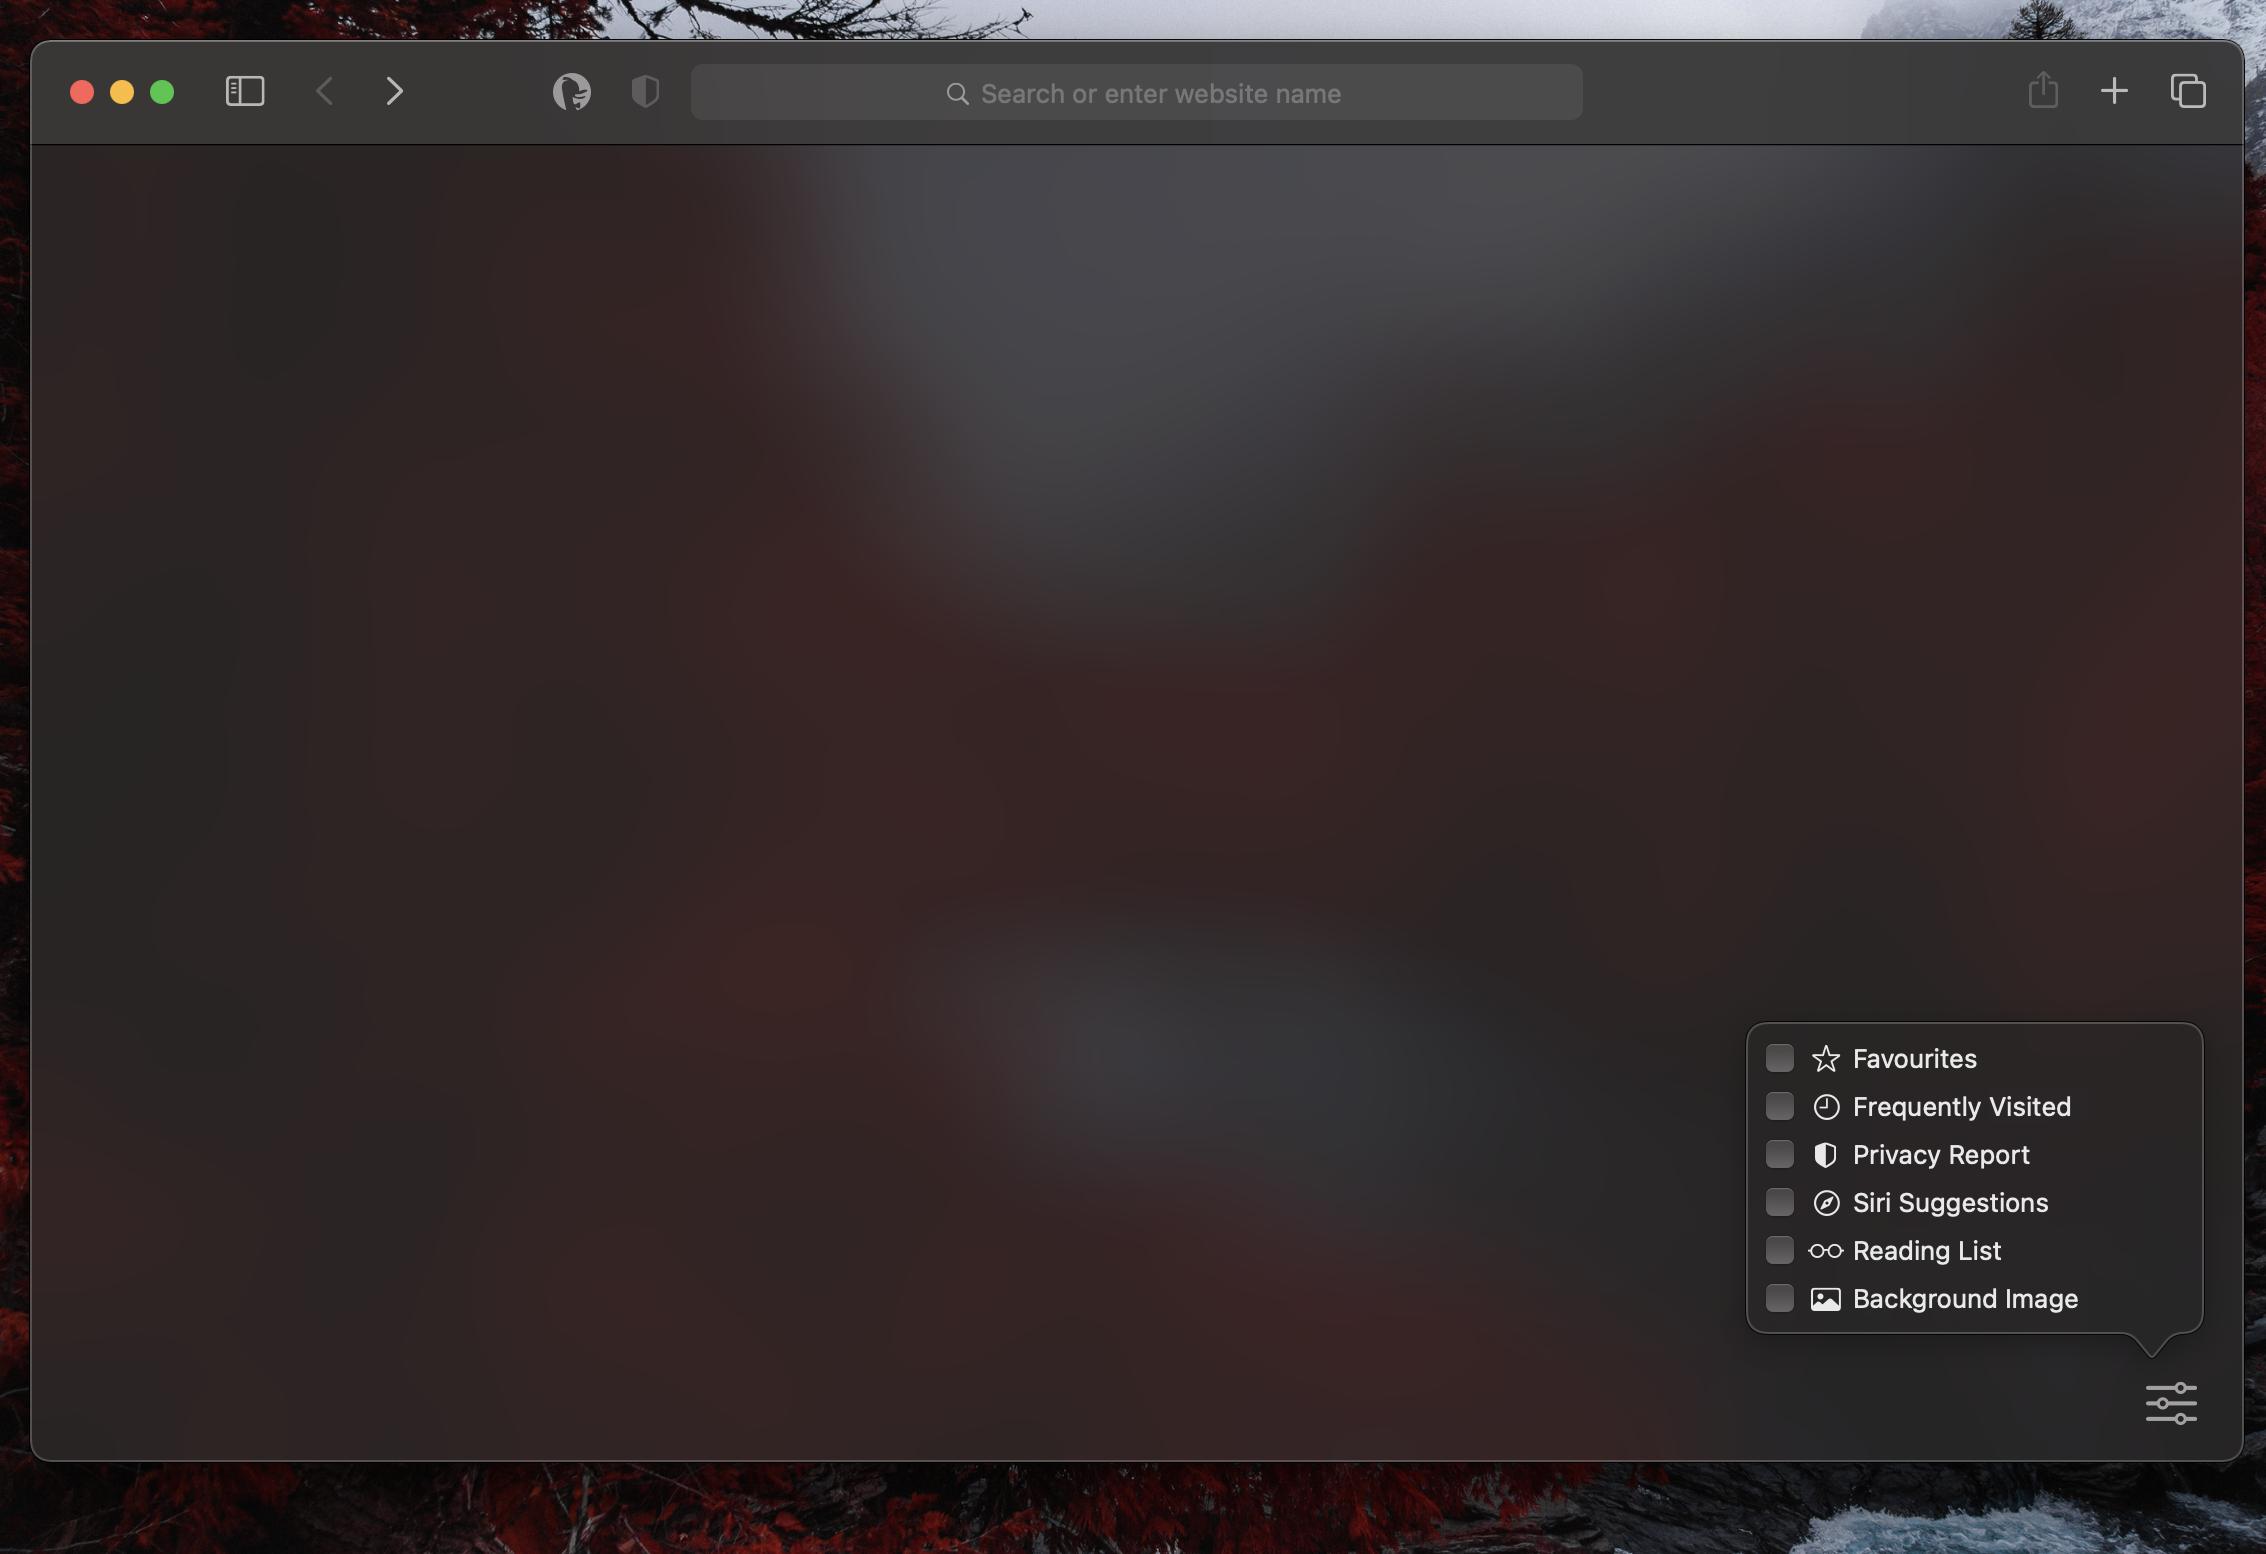 Screenshot 2021-04-23 at 06.59.22.png